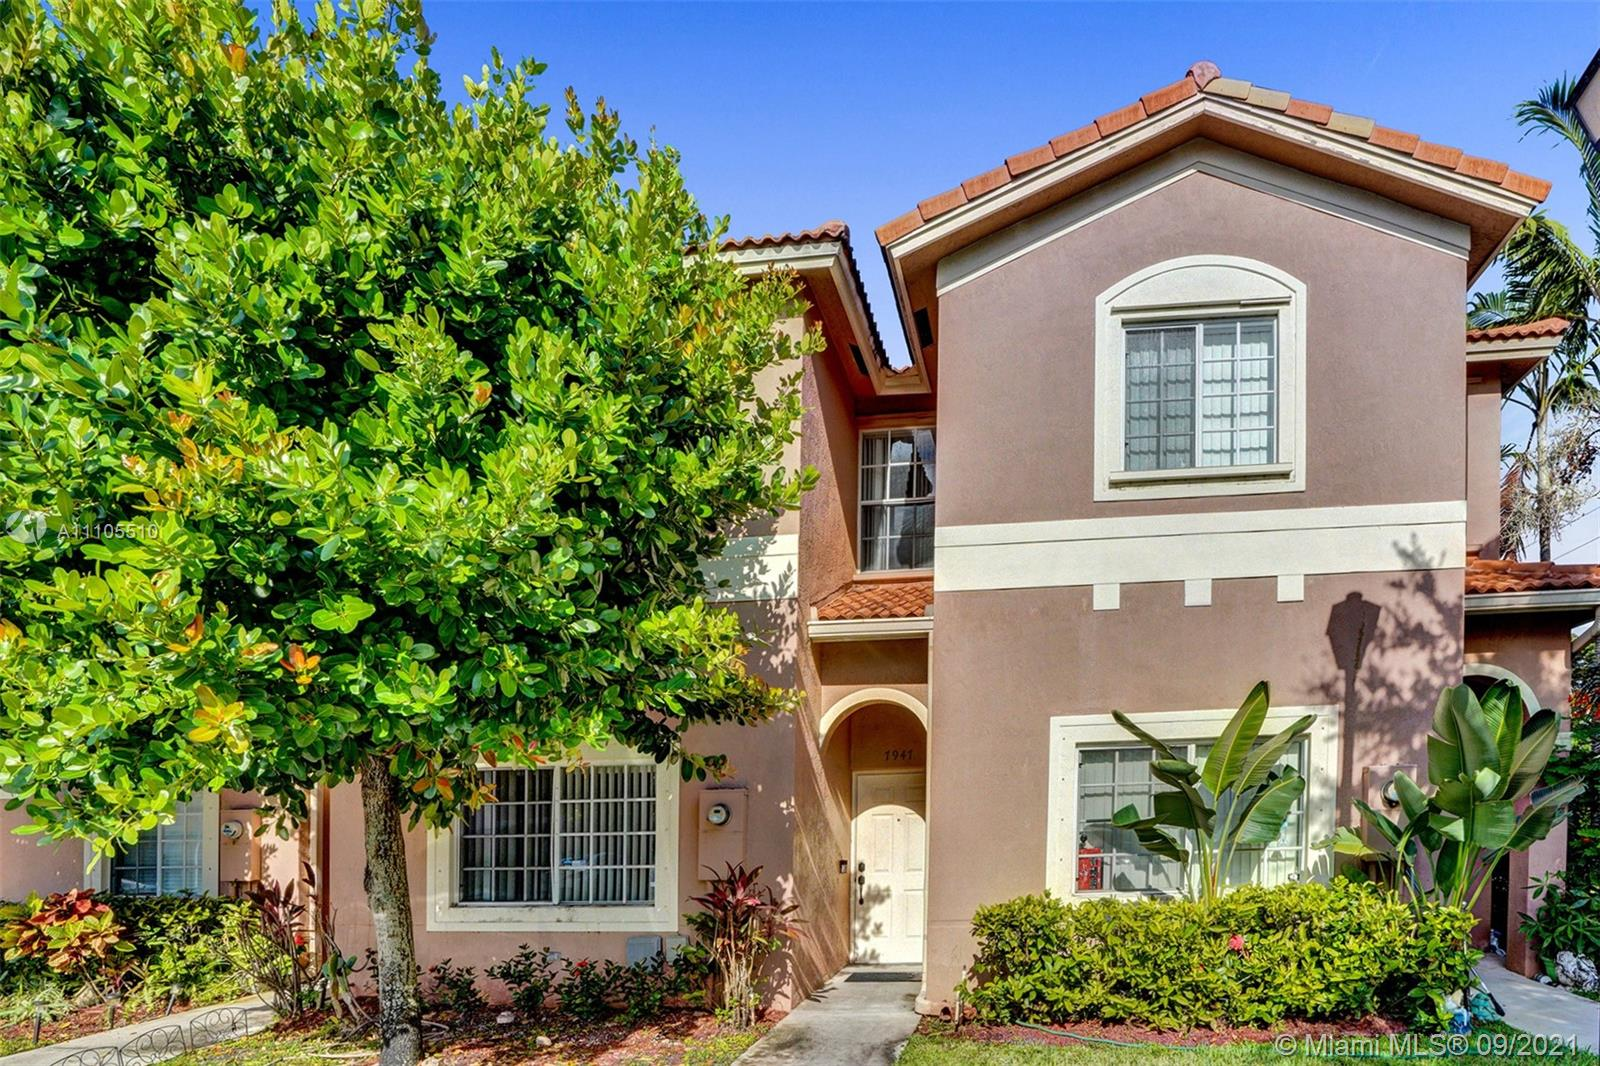 Property for sale at 7947 Catalina Cir, Tamarac,  Florida 33321